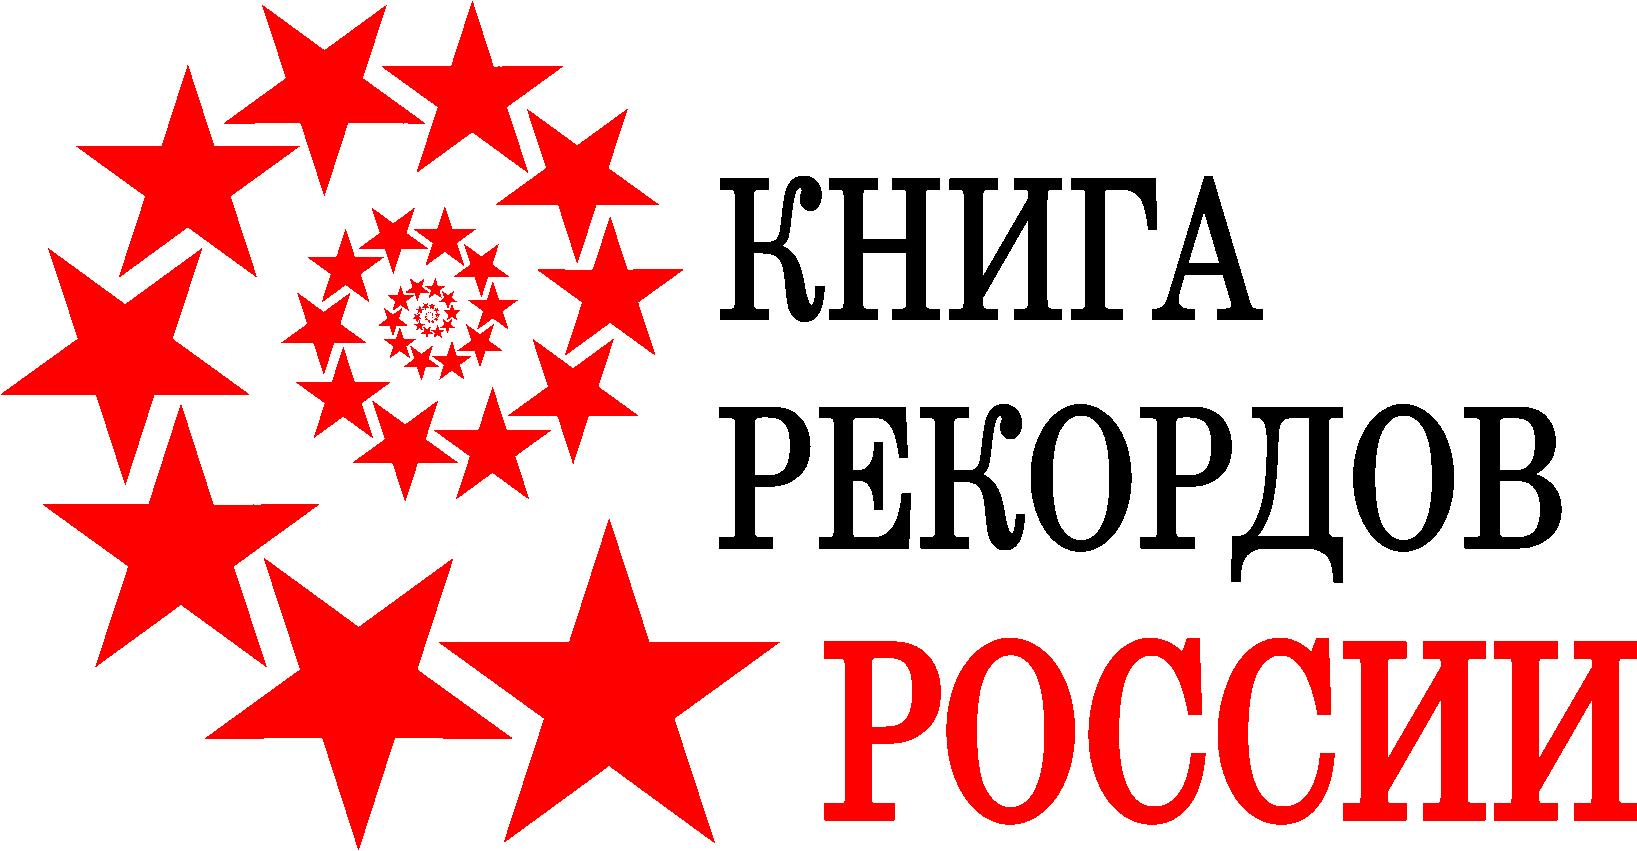 Пермяк снова попал в«Книгу рекордов России» затрейлеры кфильмам